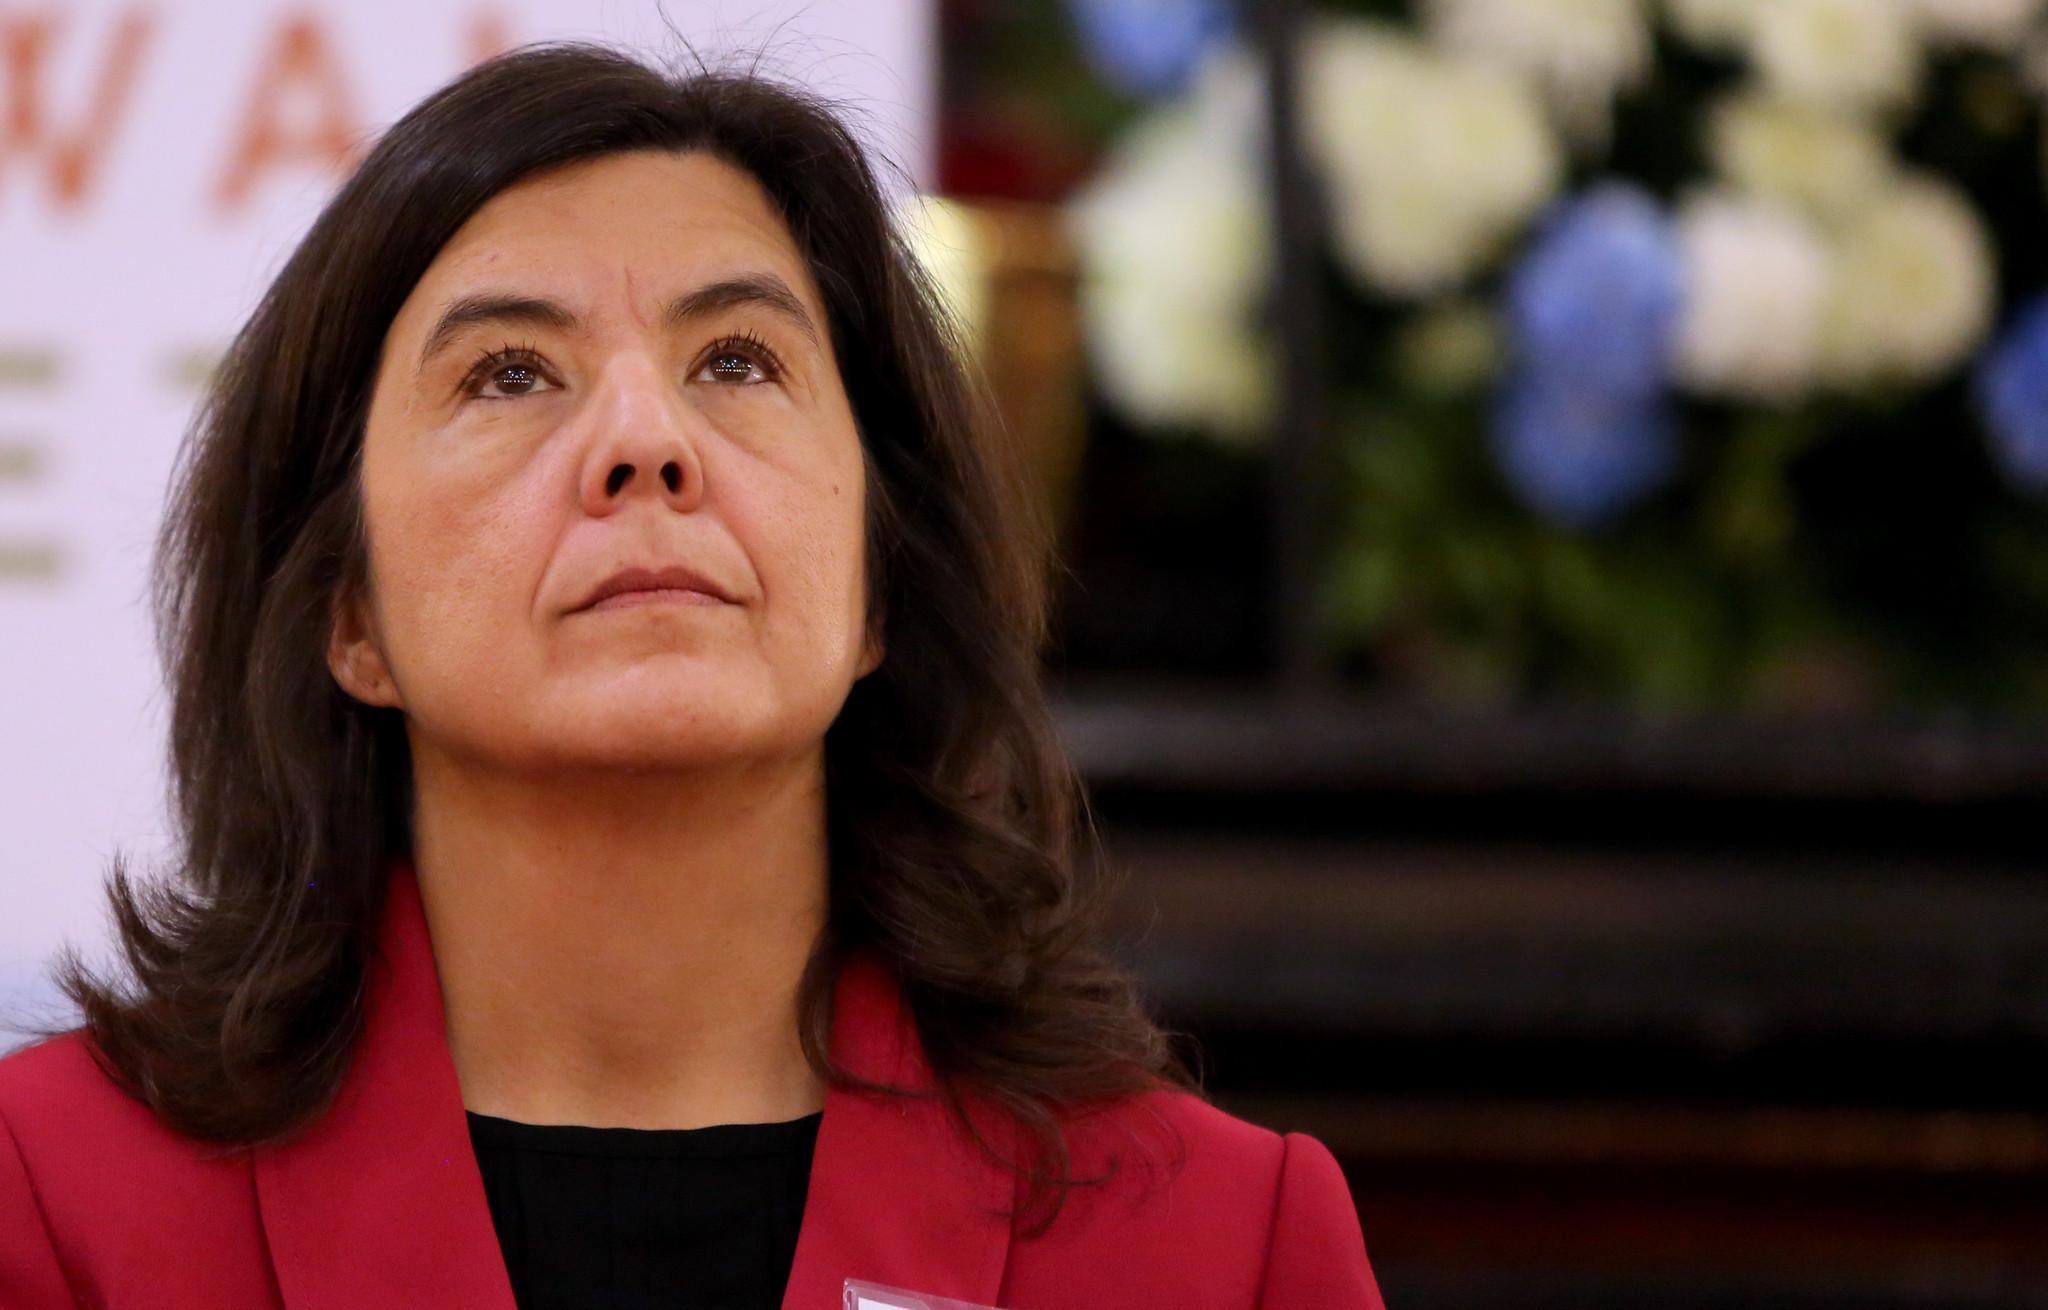 Mollige Hausfrau Ana Luz wanna fühlen sich einige Schmerzen in Ihrem Arsch